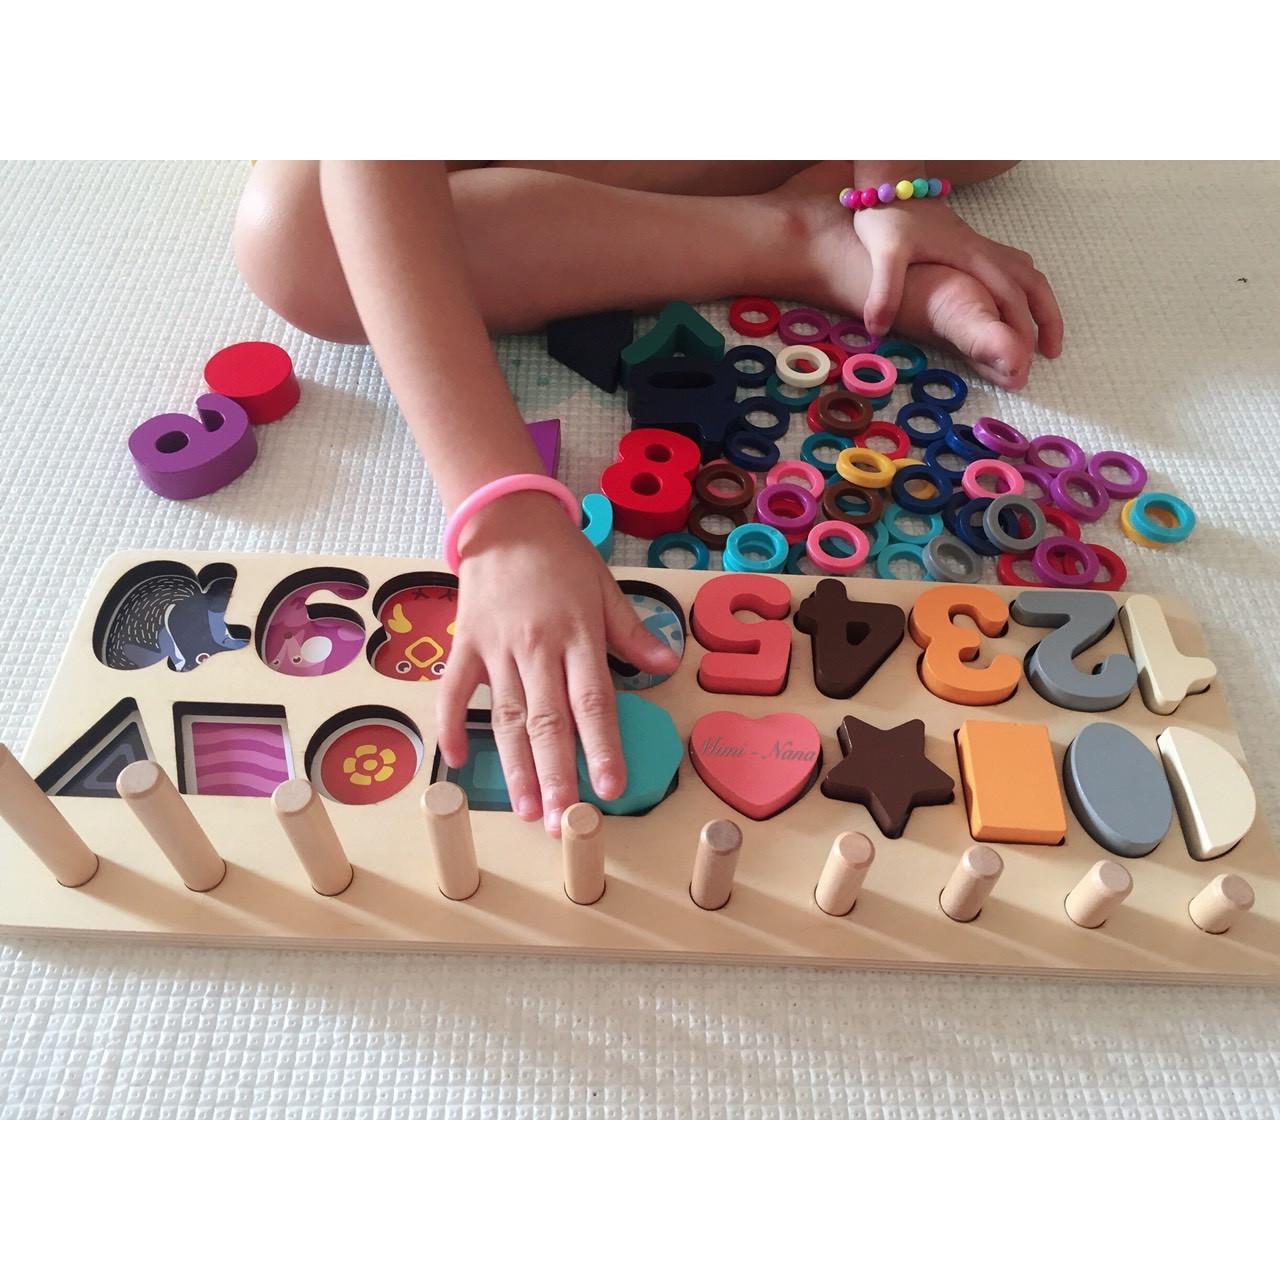 Đồ chơi kỹ năng - BỘ CỌC TOÁN-HÌNH KHỐI - RÈN KỸ NĂNG VẬN ĐỘNG TINH, NHẬN BIẾT SỐ, HÌNH KHỐI CHO BÉ